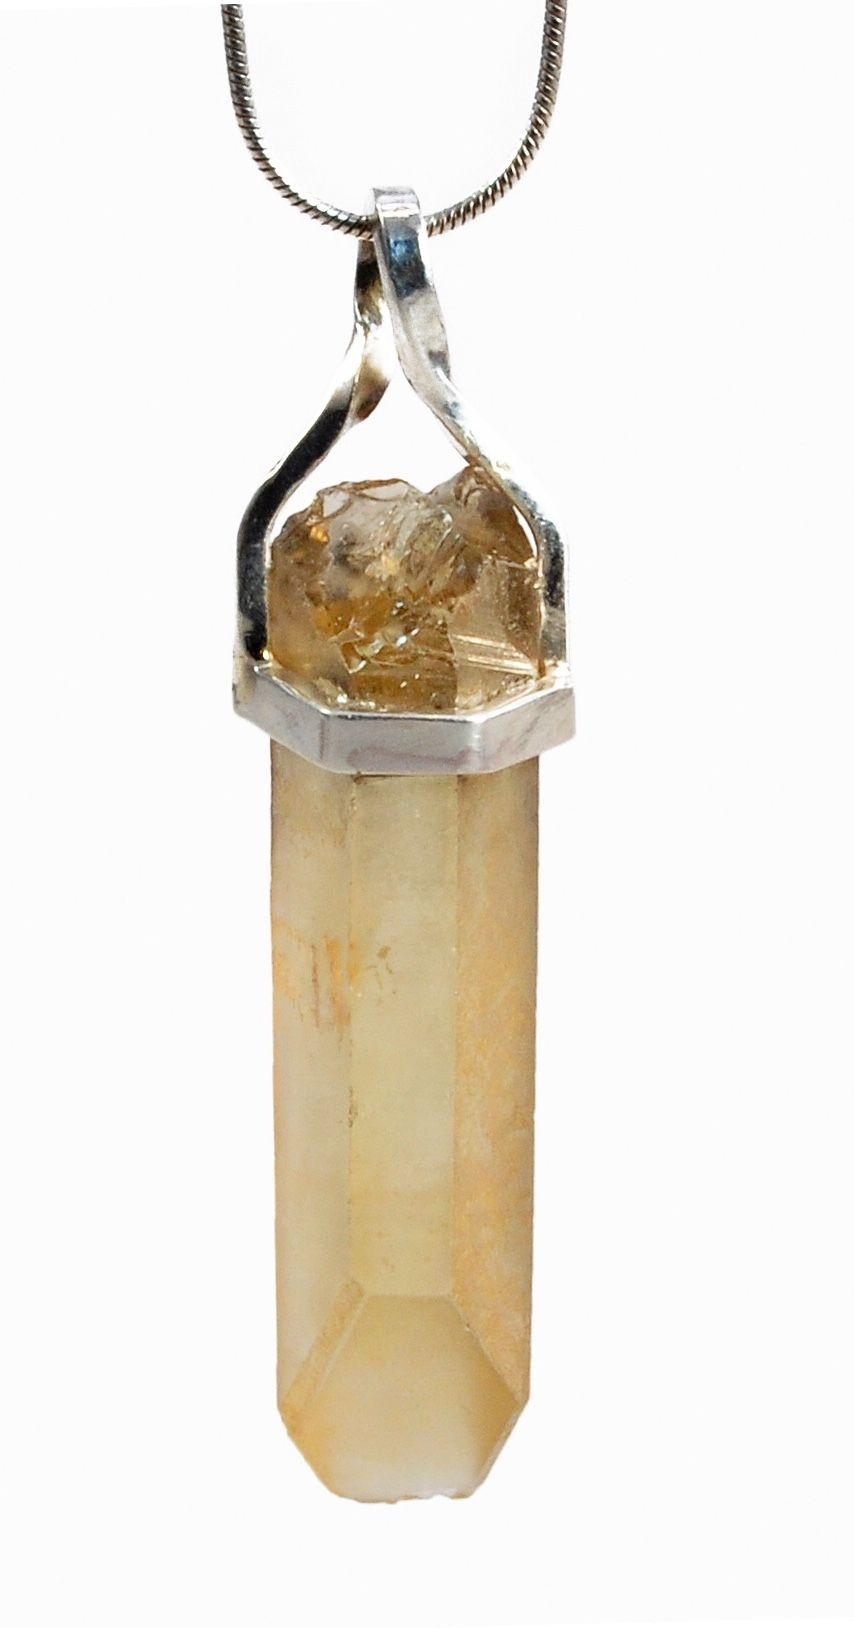 Colgante de plata con cuarzo en bruto Colgante de cuarzo Silver pendant with rough quarz.